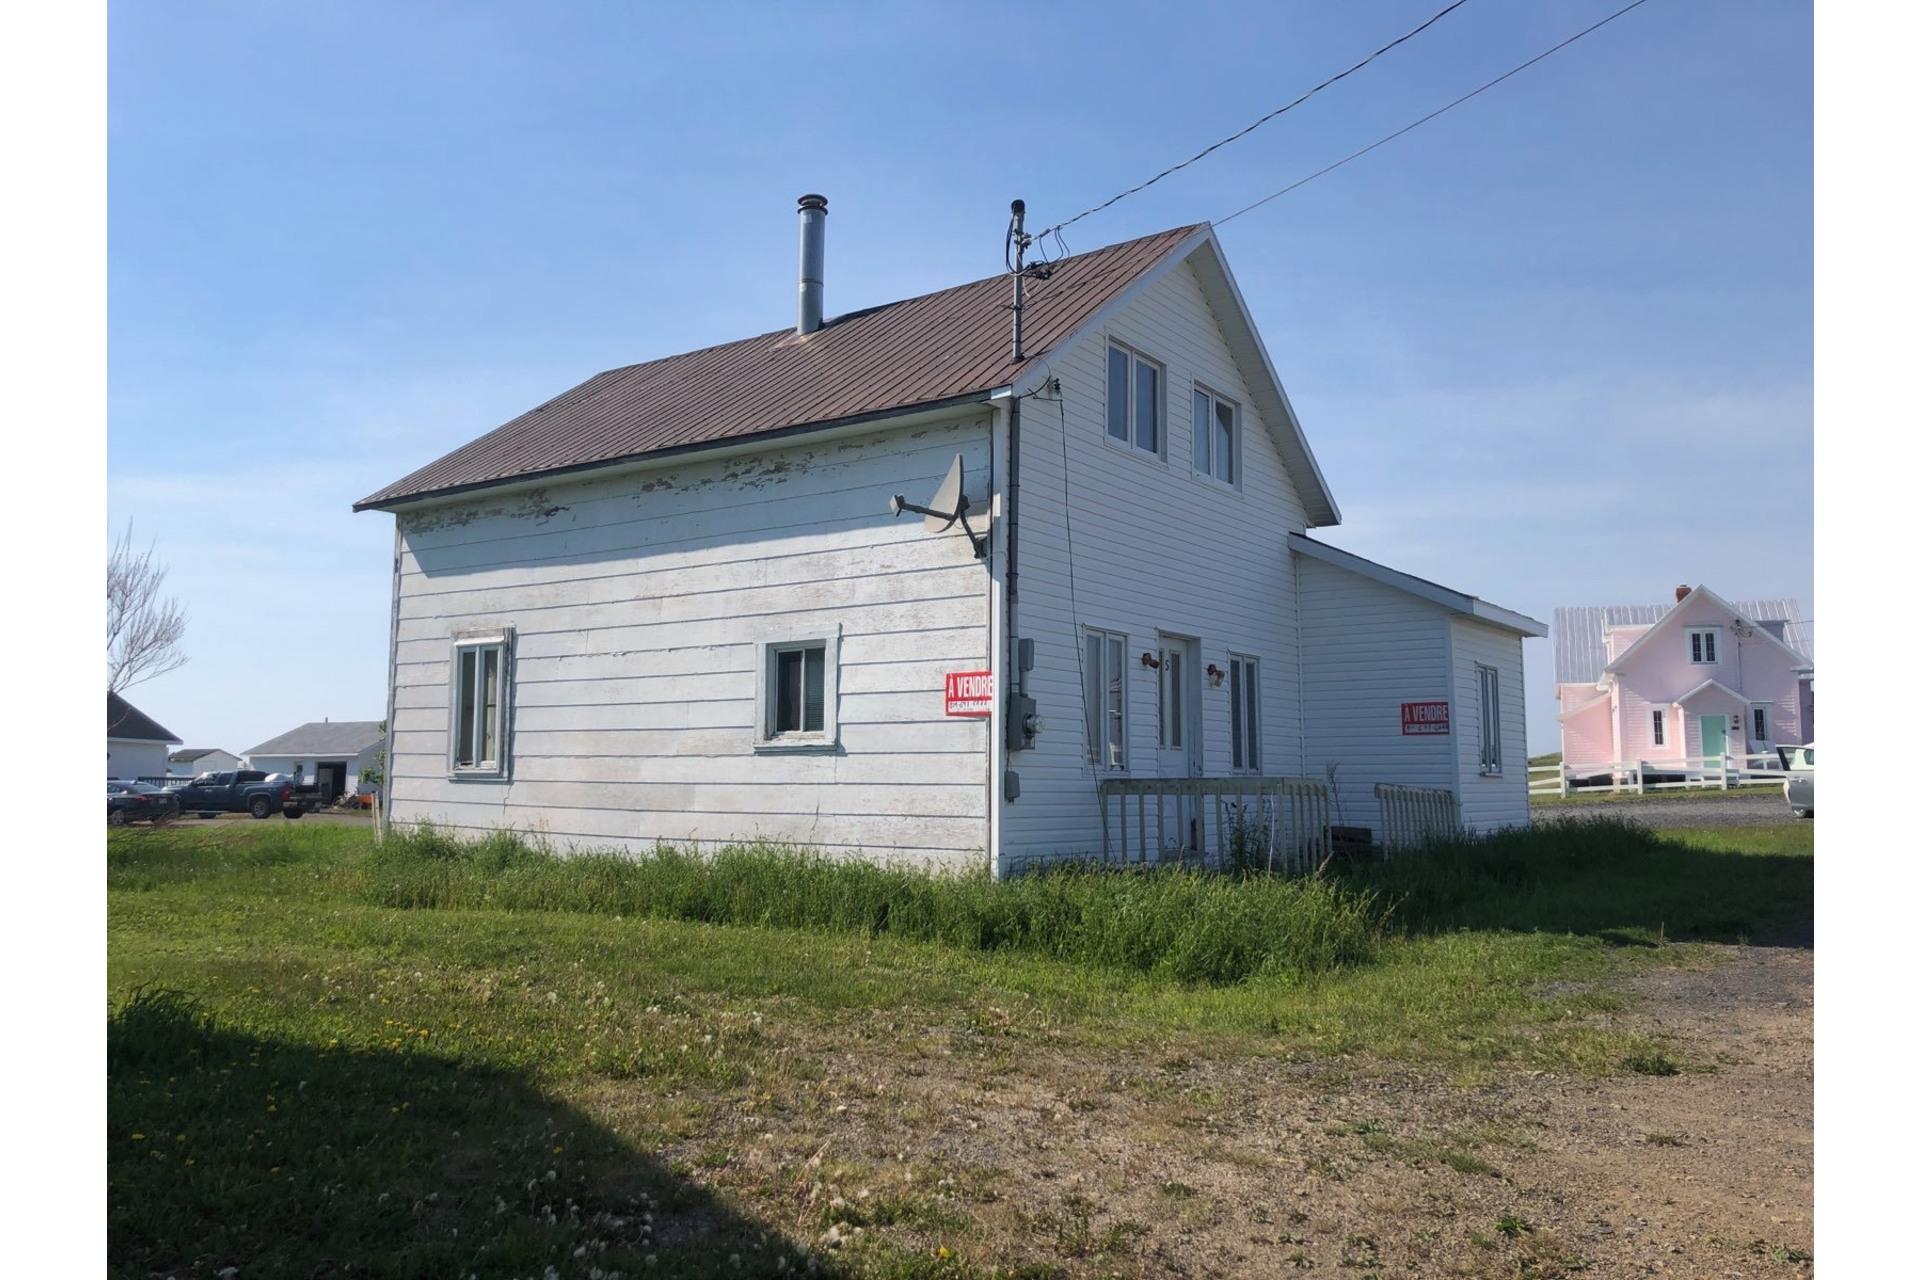 image 9 - Maison À vendre Sainte-Madeleine-de-la-Rivière-Madeleine - 6 pièces